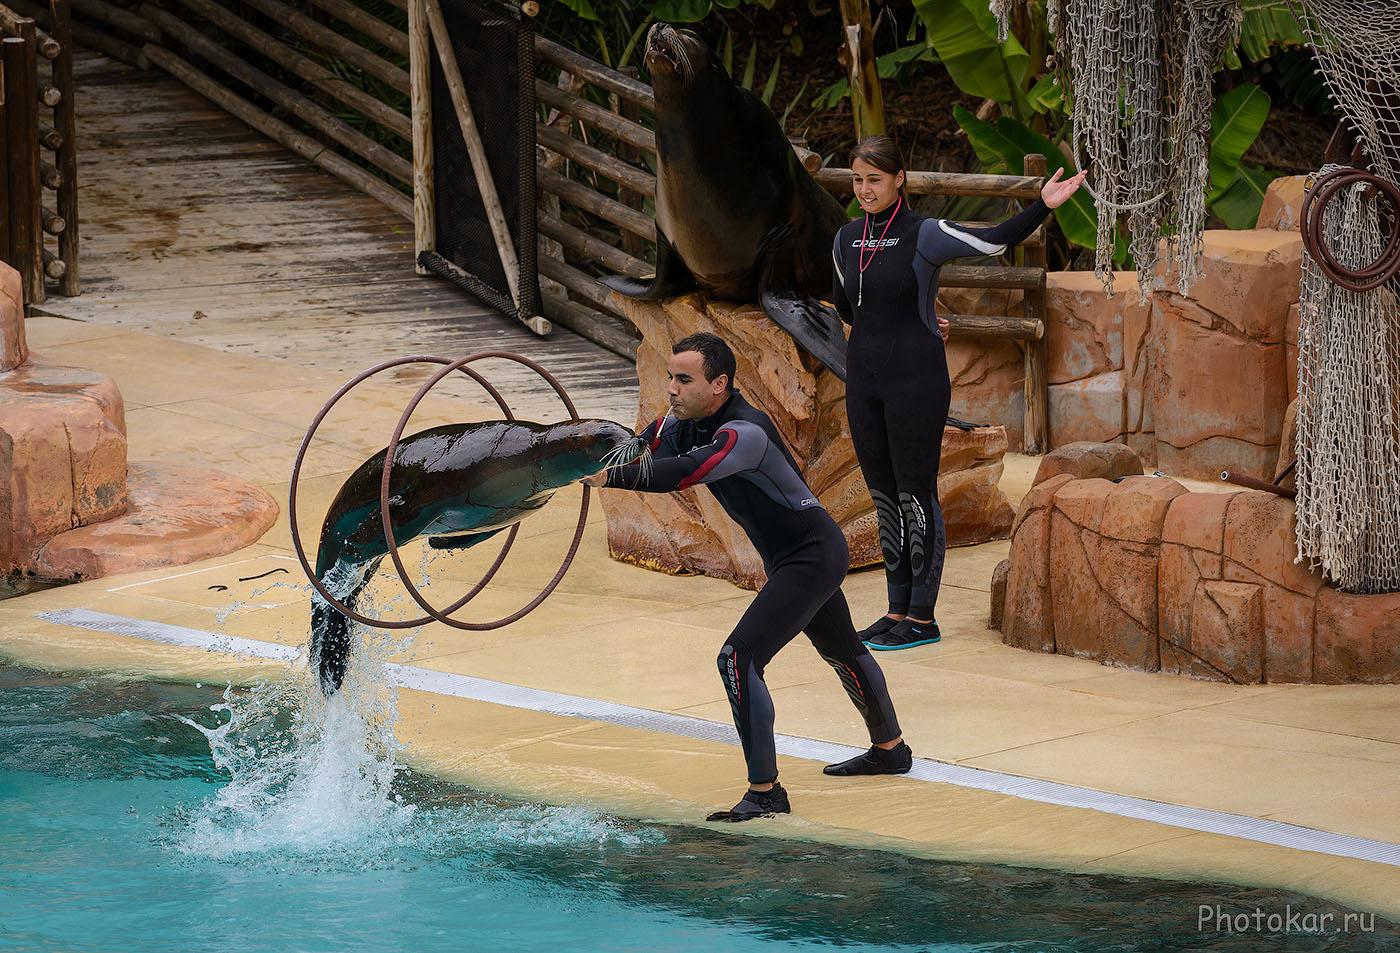 10. Фотографируем на экскурсии в дельфинарий во время отпуска. Определите, на что снято: на Fuji X-T2 или Никон Д610?